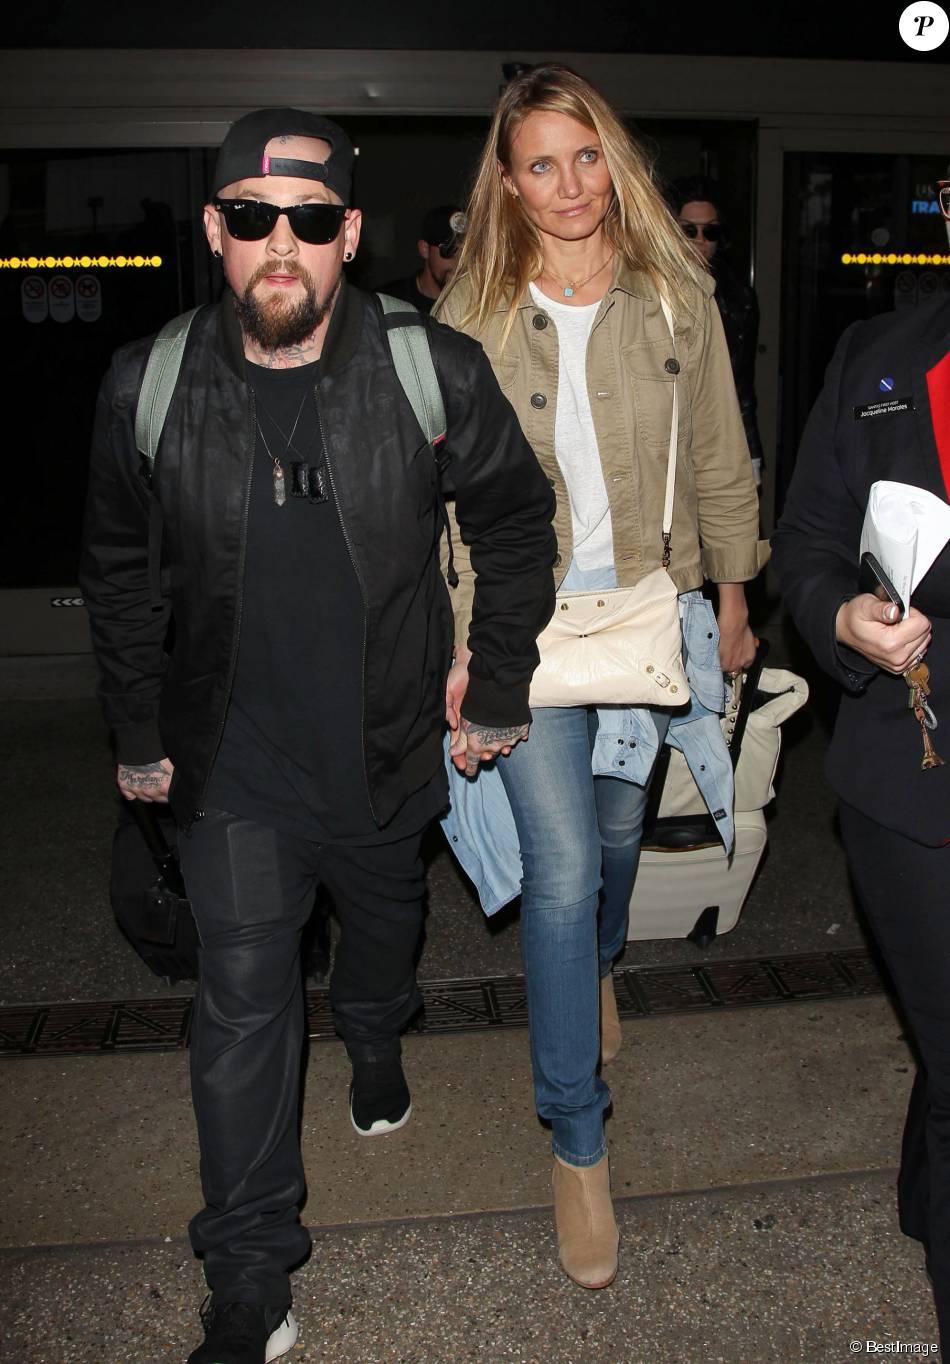 Cameron Diaz et son mari Benji Madden lors de leur arrivée à l'aéroport LAX de Los Angeles, le 31 août 2015. Cameron Diaz dissimulerait son ventre pour couvrir une supposée grossesse...